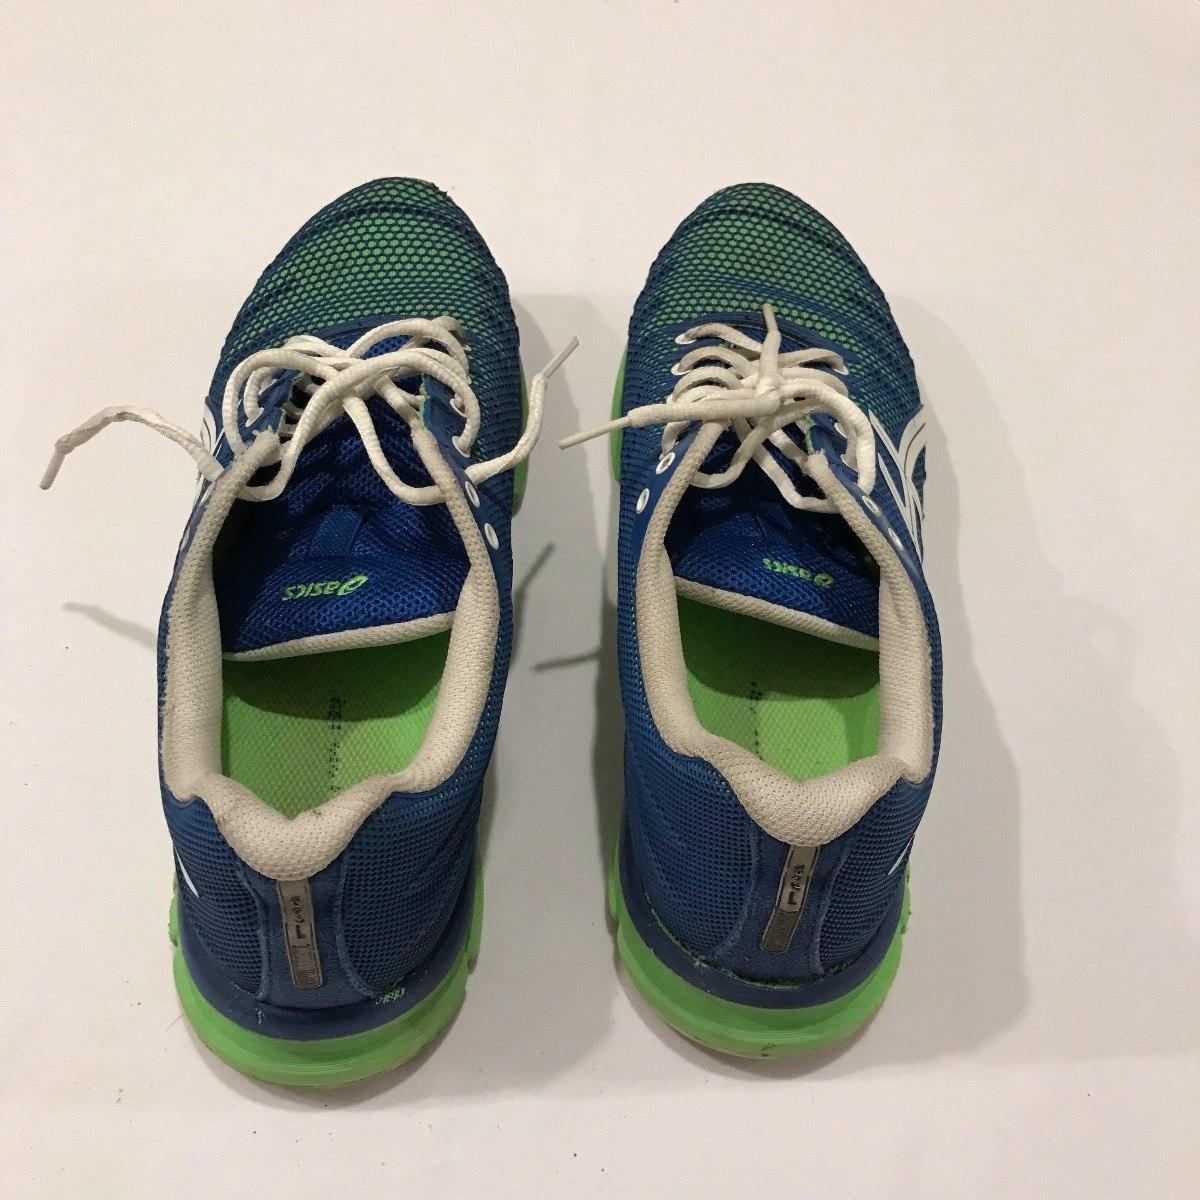 plantillas zapatillas asics